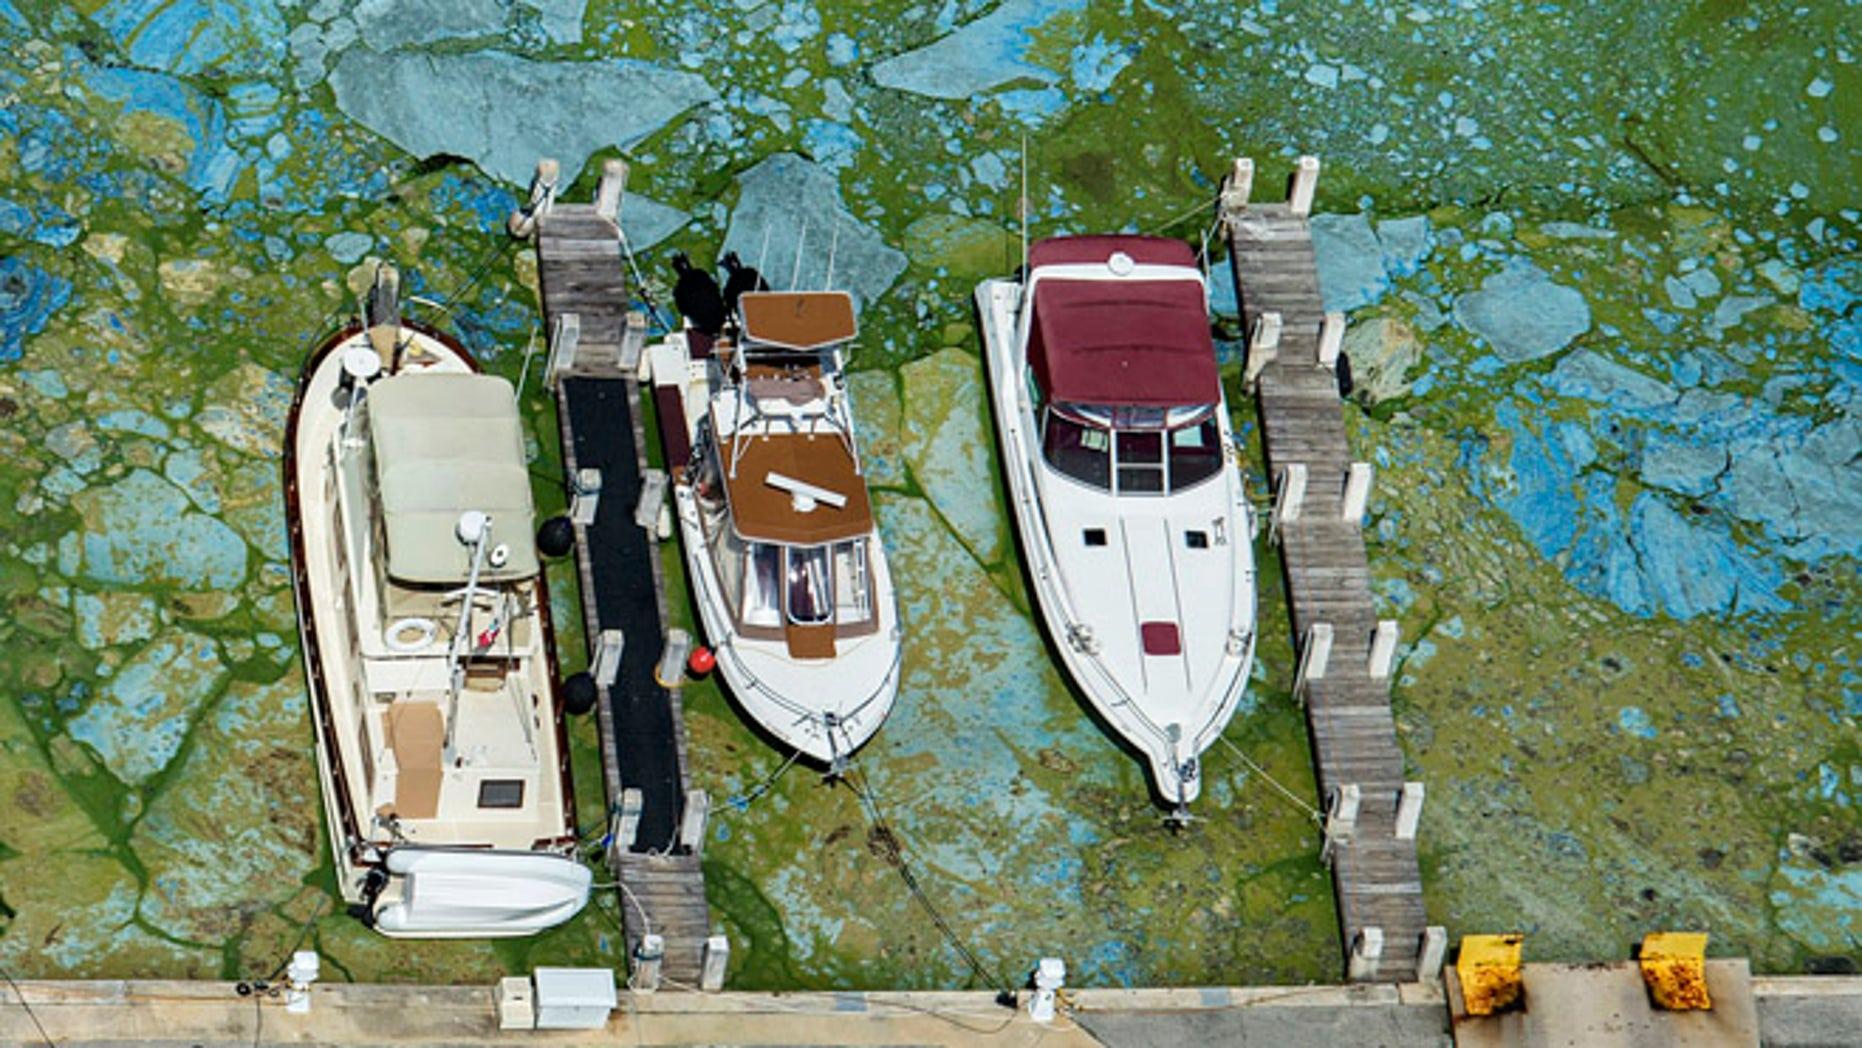 Varias embarcaciones amarradas en la Central Marine de Stuart, en Florida, aparecen rodeadas de algas verdosas el miércoles 29 de junio de 2016. (Greg Lovett/The Palm Beach Post via AP)